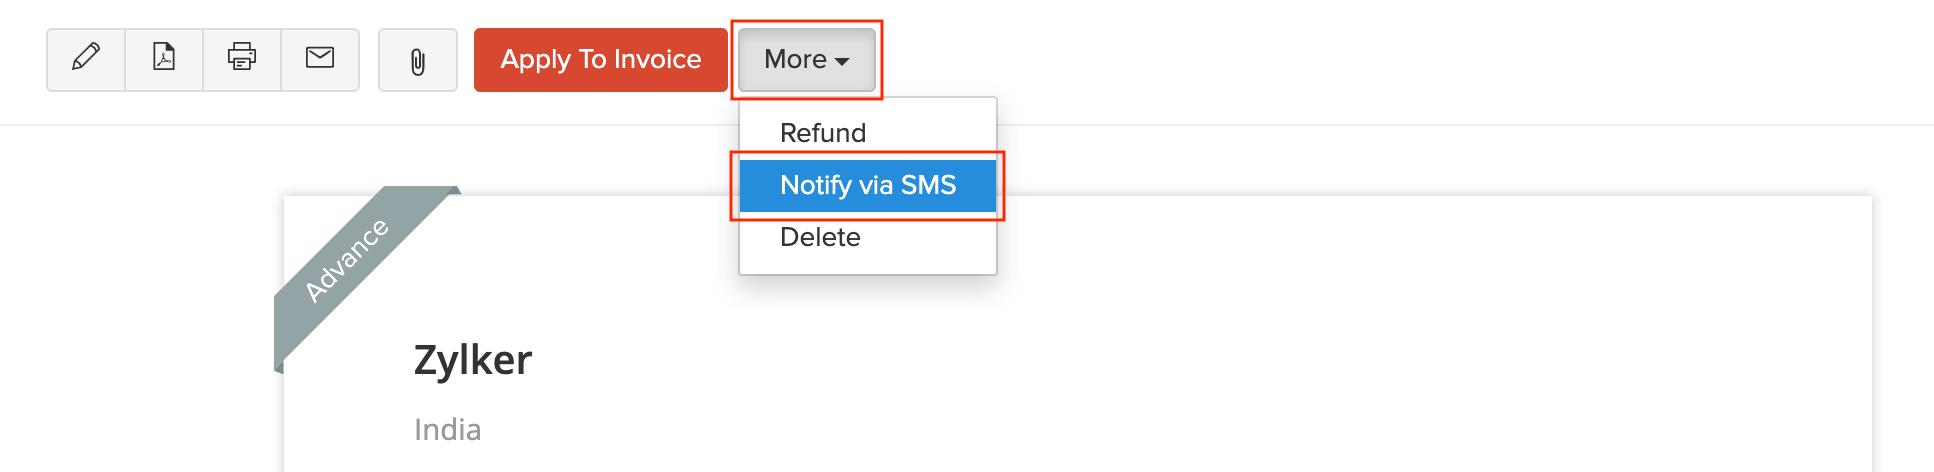 Notify via SMS